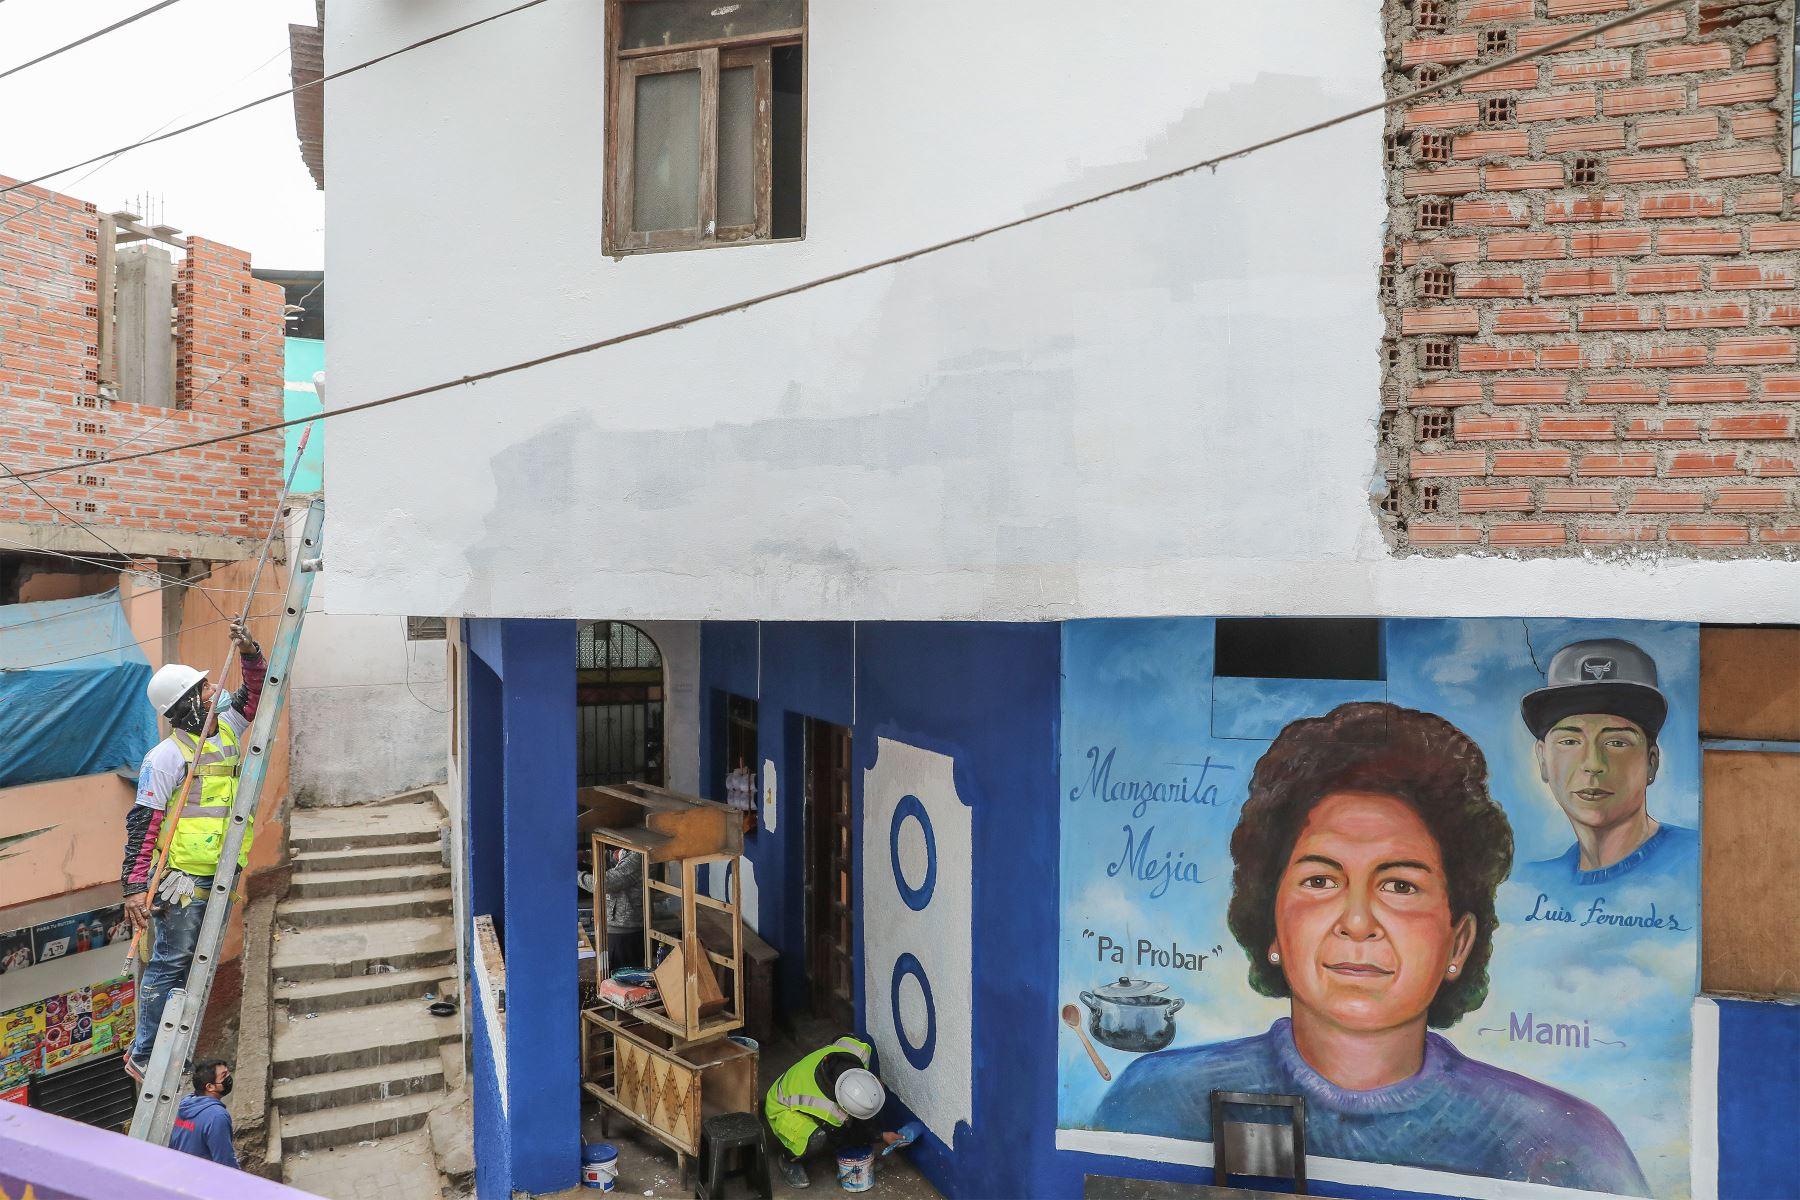 """El AA. HH. Leticia está dividido en 12 sectores. Por una estrategia de """"buena relación vecinal"""", Daniel y Carla decidieron incluir a personas por cada sector donde pintaban.  Foto: ANDINA/Andrés Valle"""